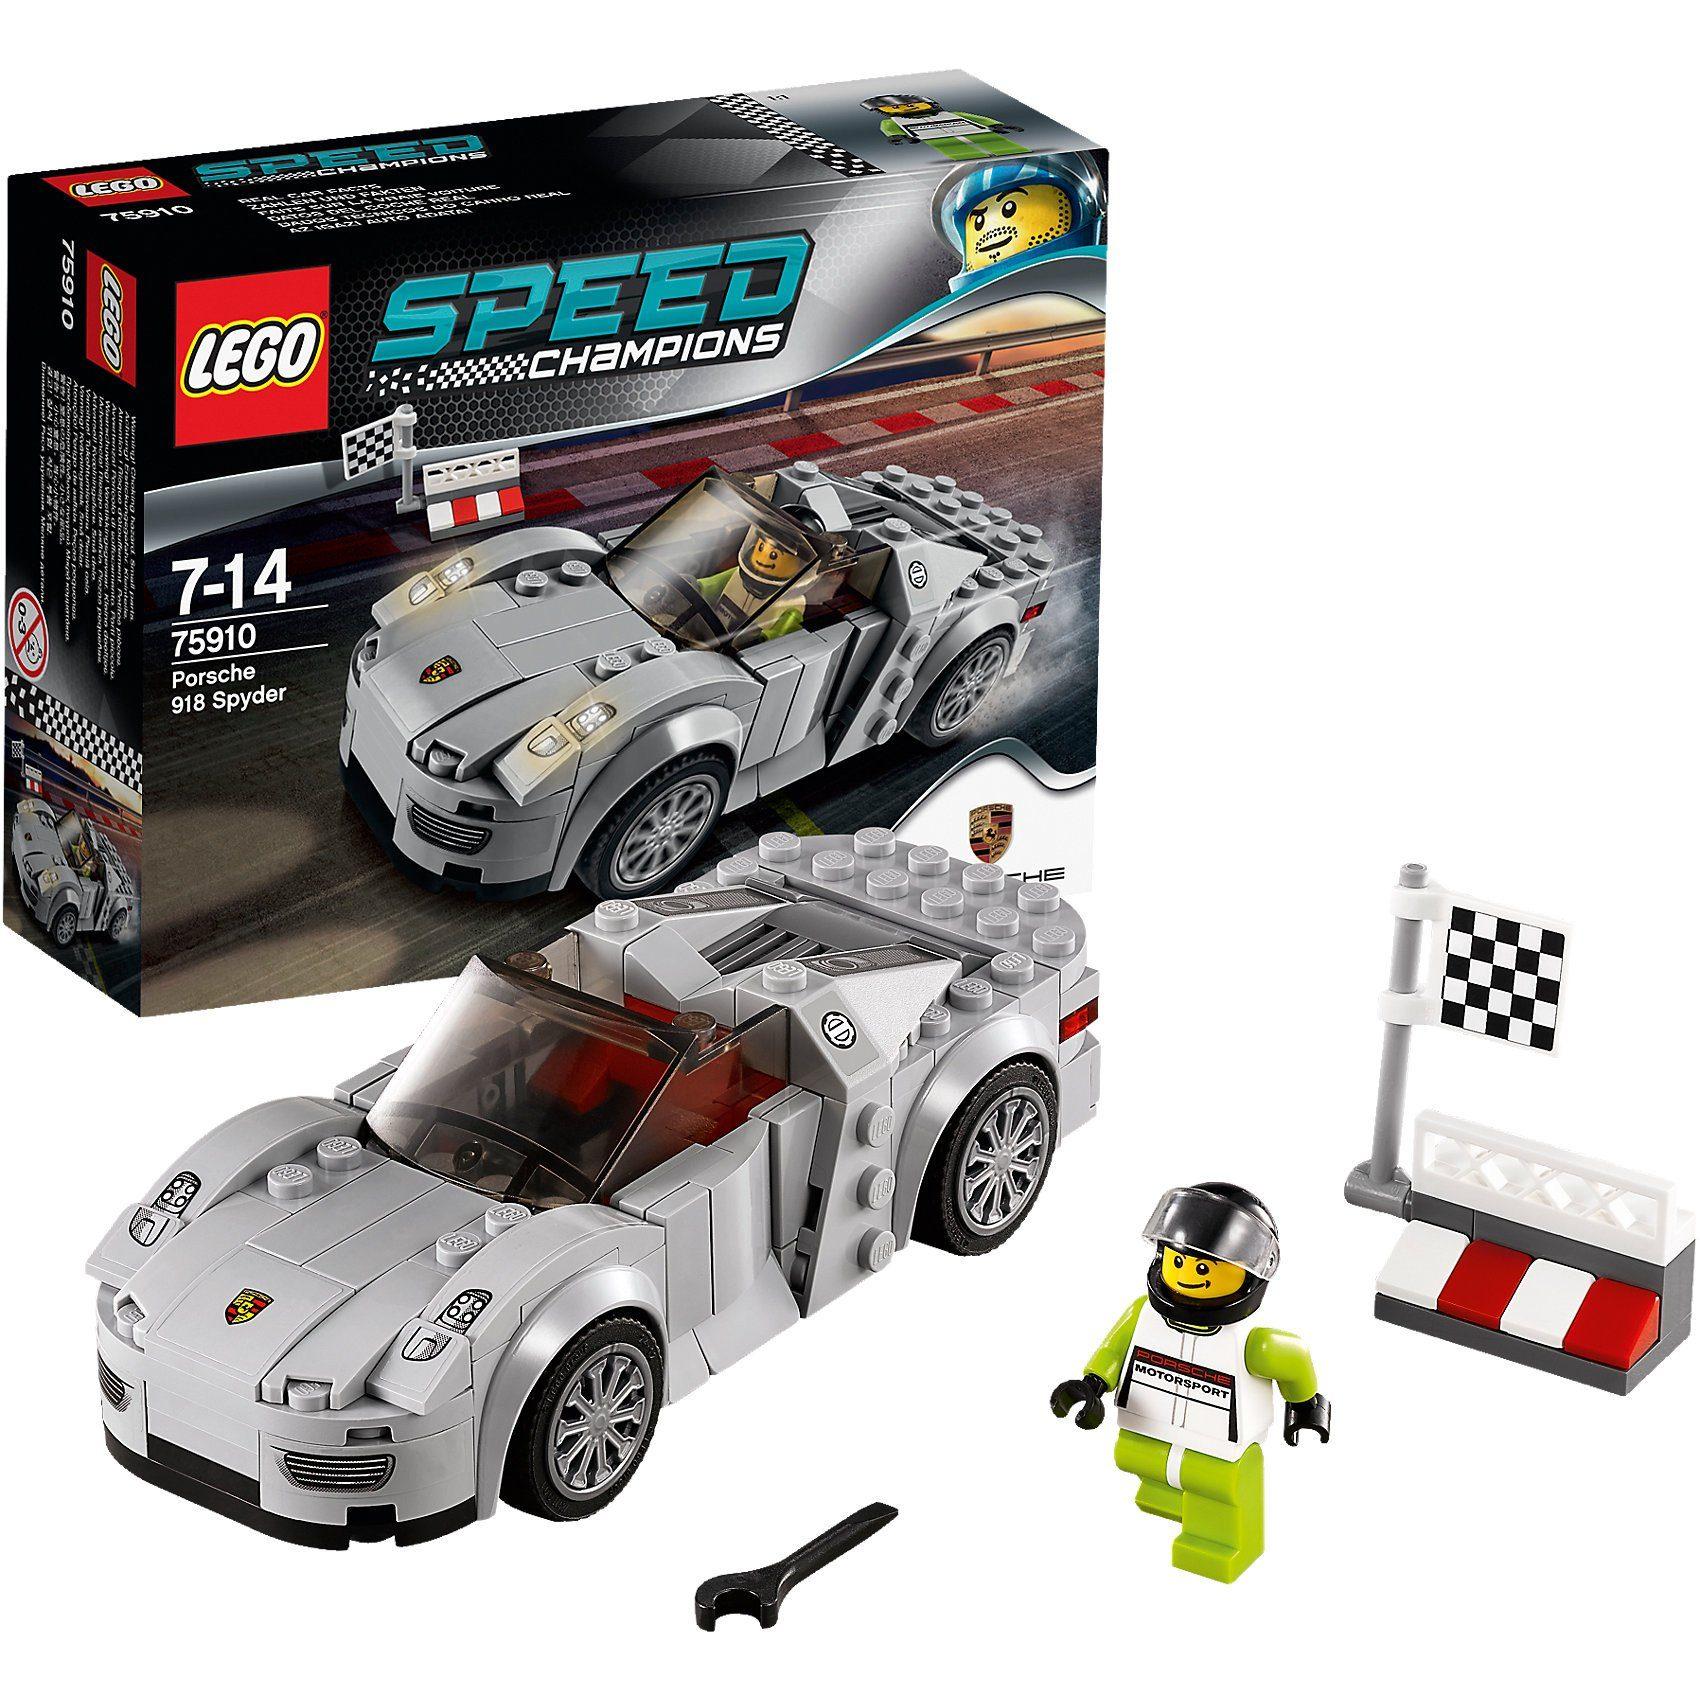 LEGO 75910 Speed: Porsche 918 Spyder